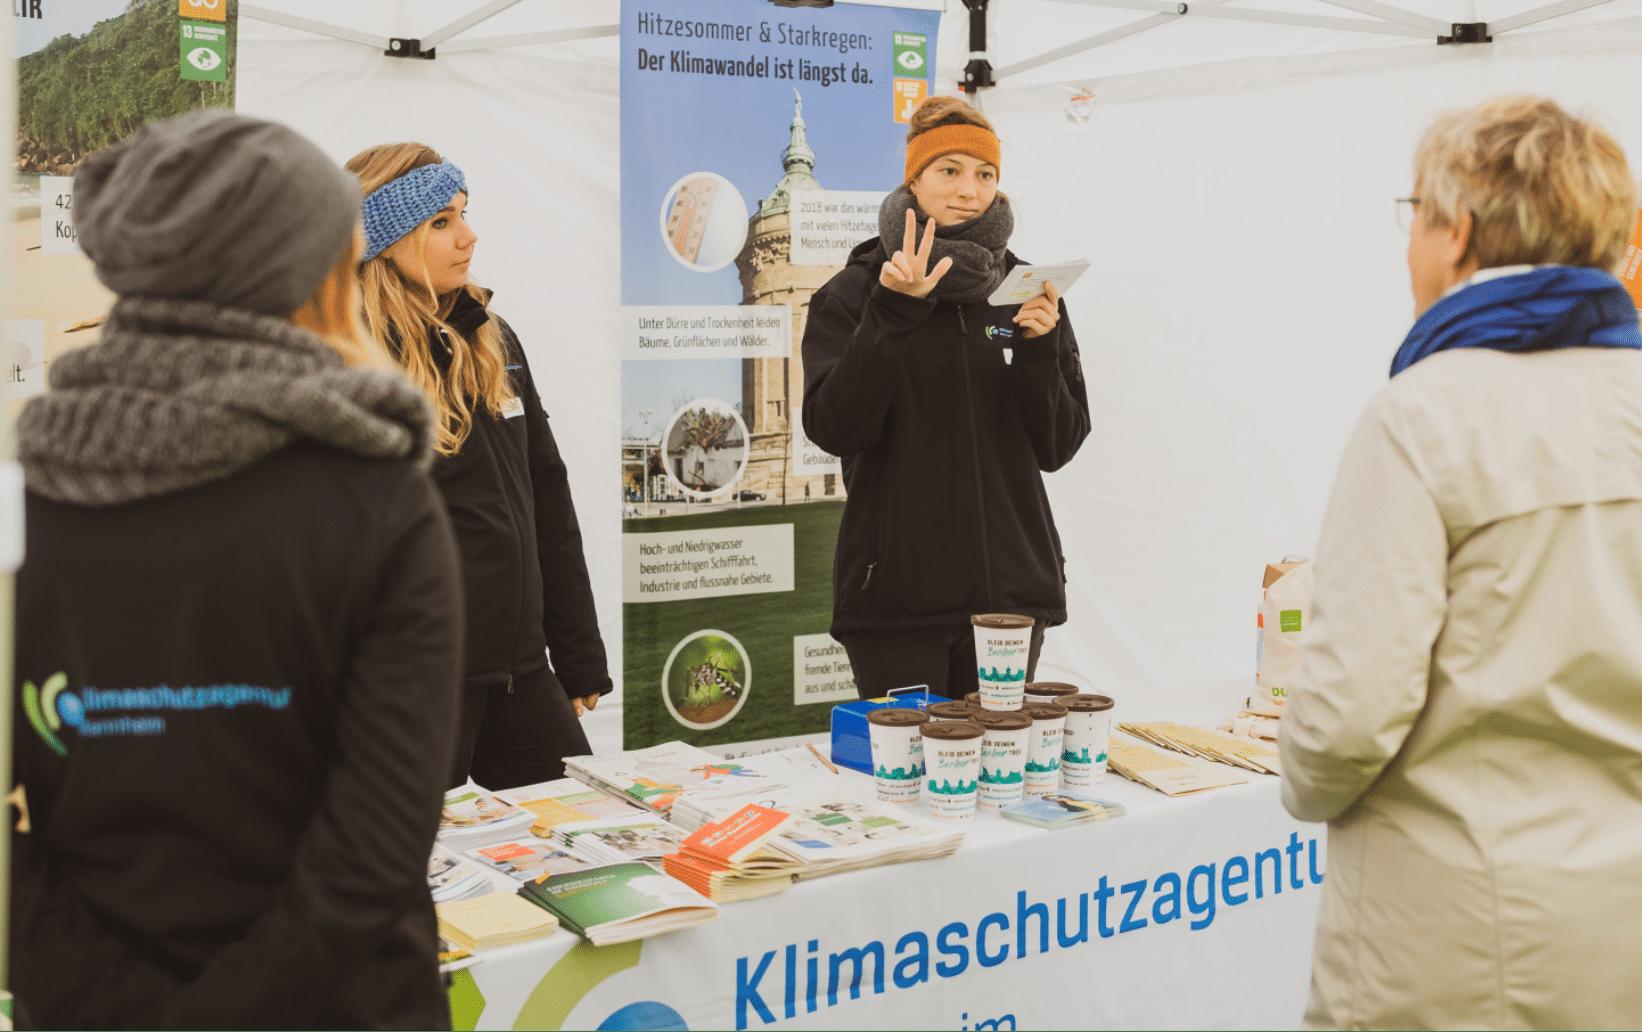 Klimaschutzagentur